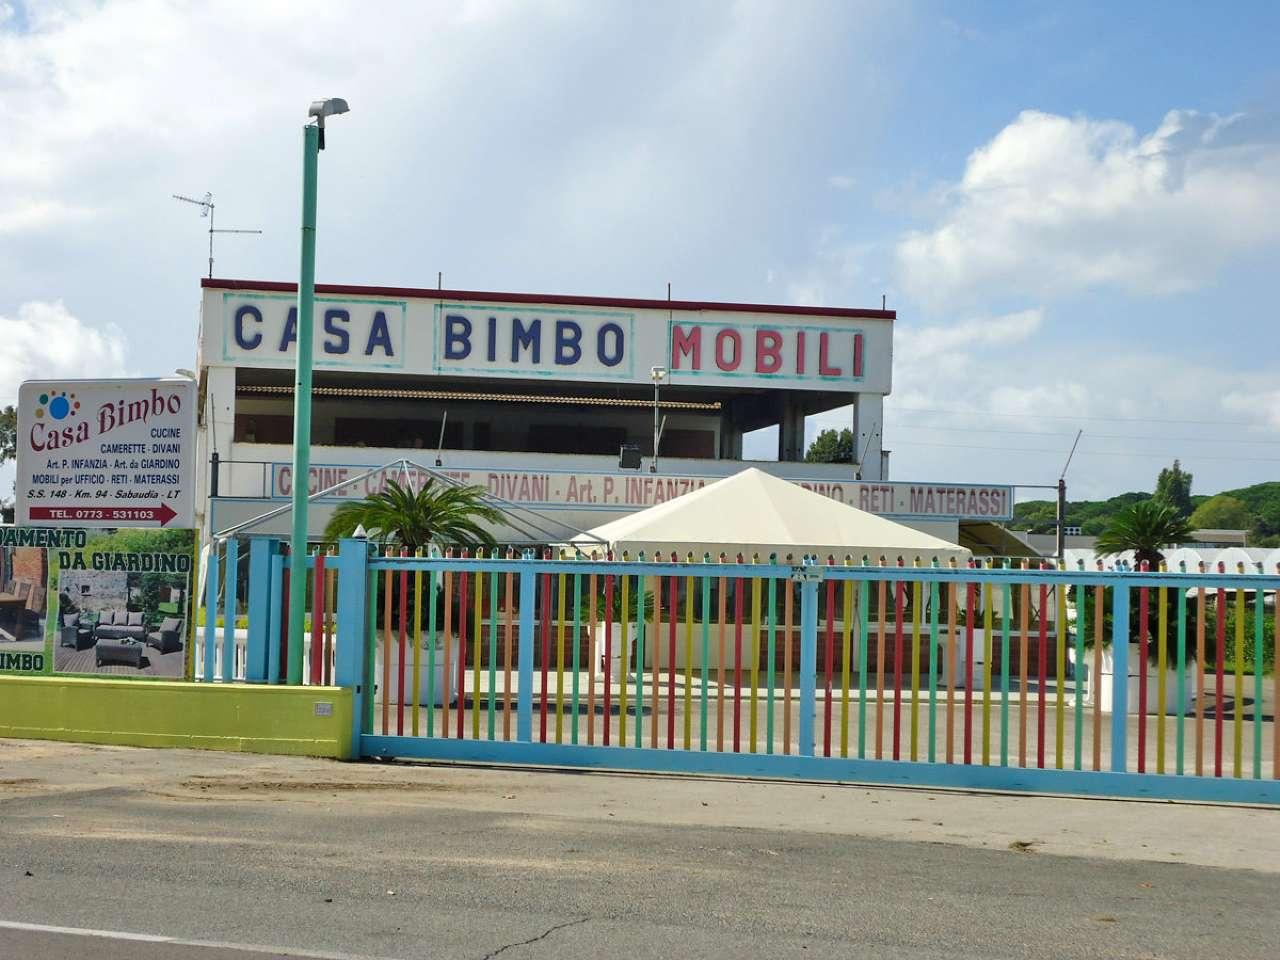 Immobile Commerciale in vendita a Sabaudia, 24 locali, prezzo € 950.000 | CambioCasa.it